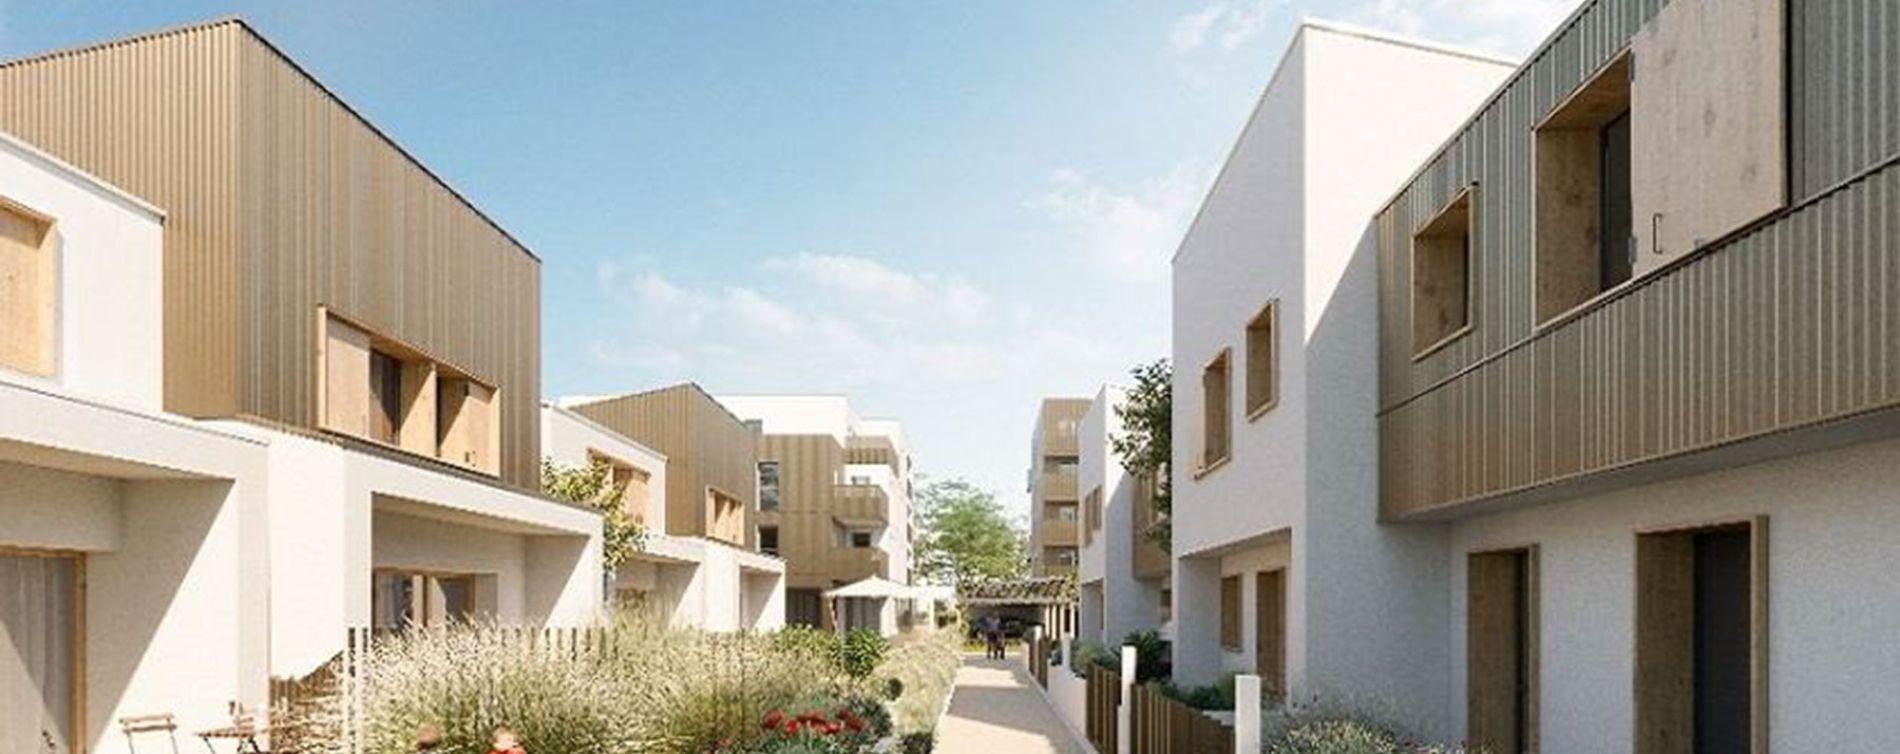 Résidence Grand Air - Maisons à Montlouis-sur-Loire